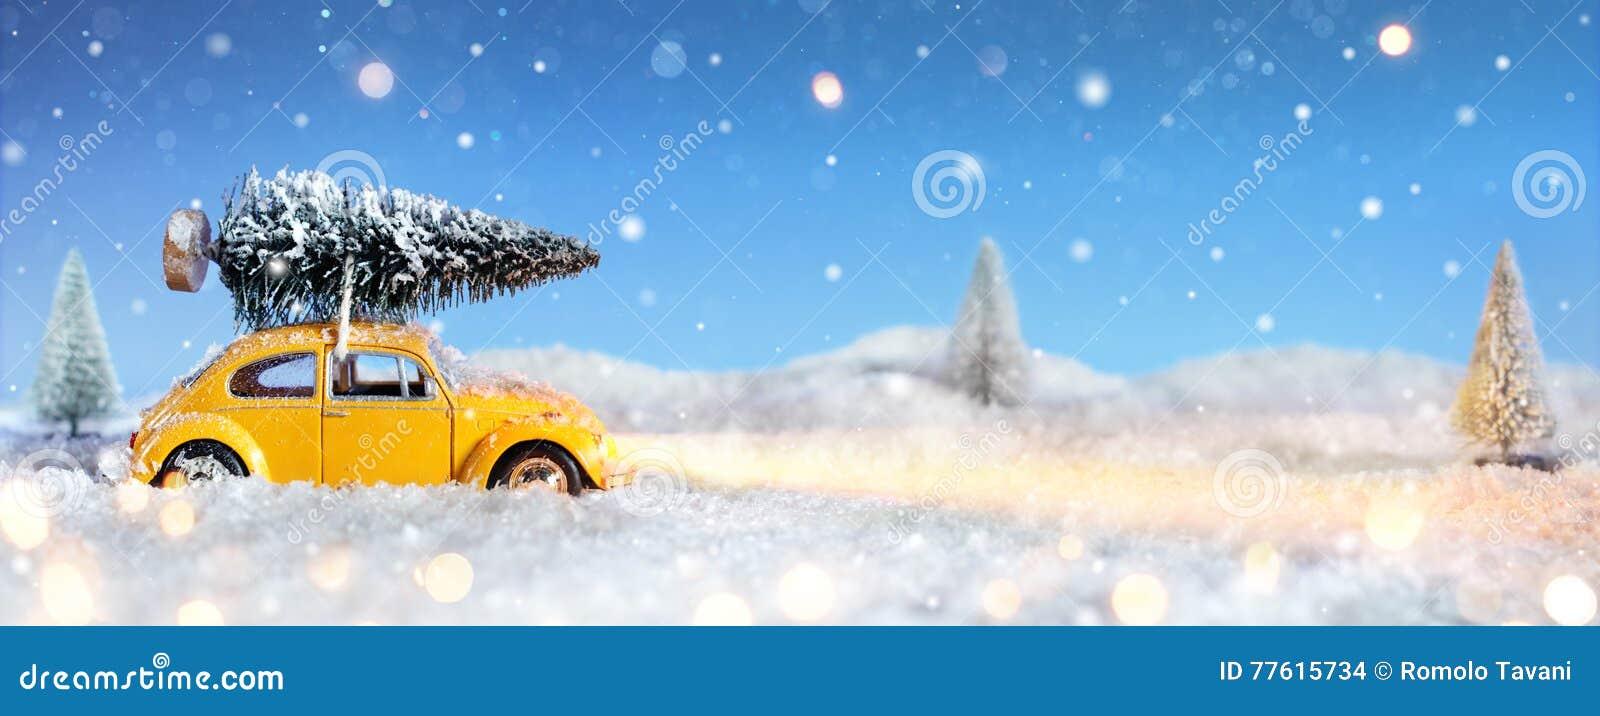 Auto, das einen Weihnachtsbaum transportiert